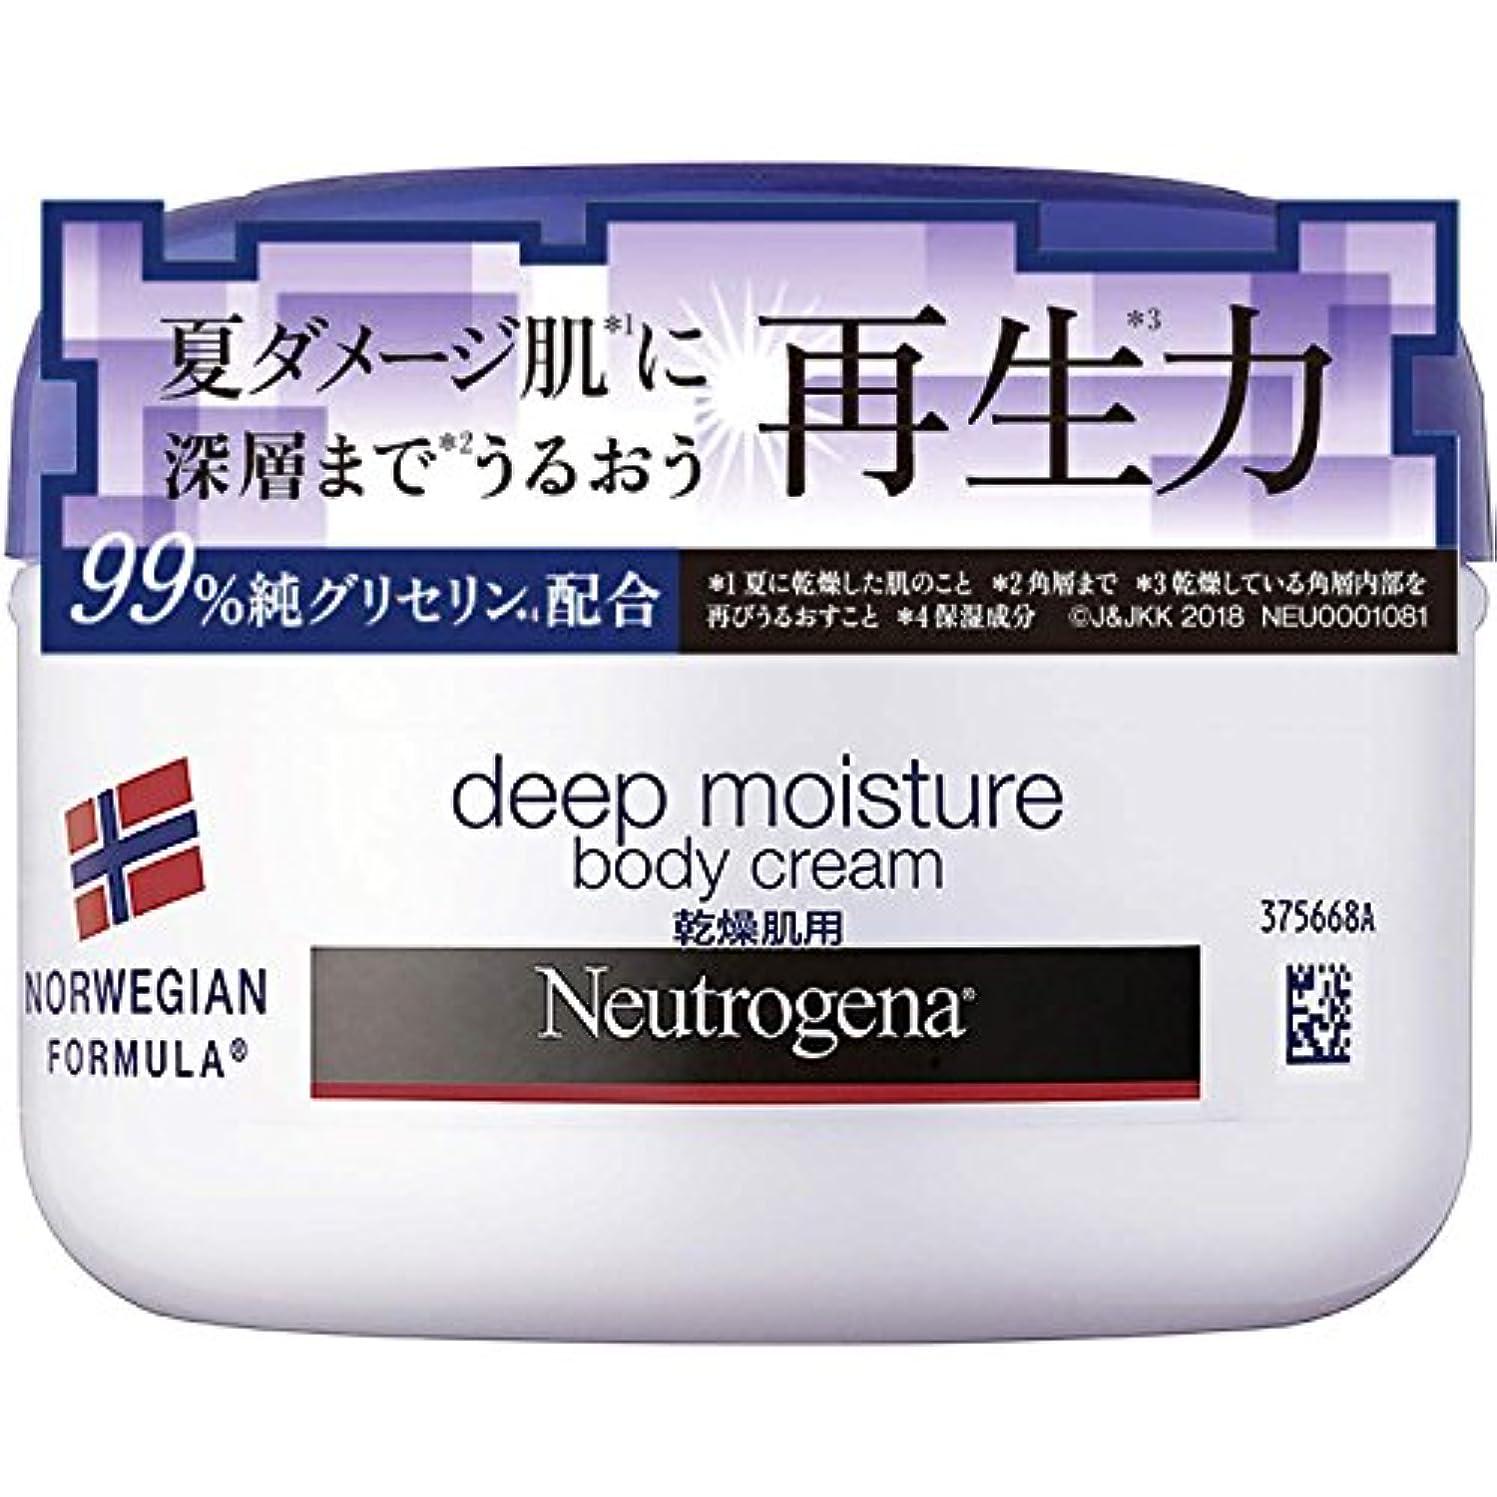 保護傾向があります紳士Neutrogena(ニュートロジーナ) ノルウェーフォーミュラ ディープモイスチャー ボディクリーム 乾燥肌用 微香性 200ml